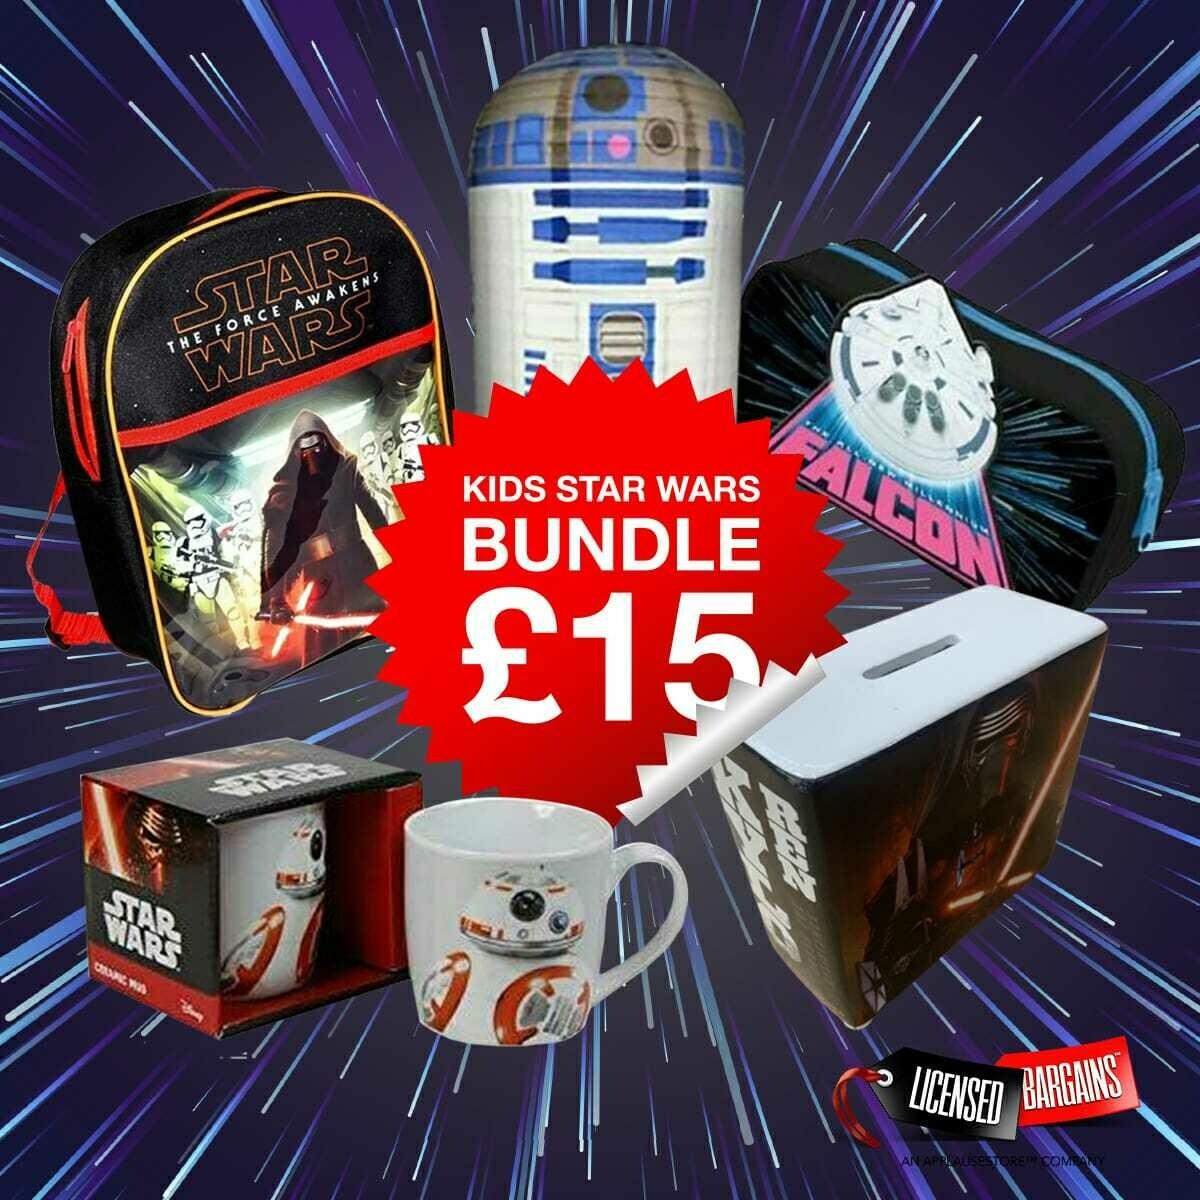 Kid's Star Wars Bundle £18.99 delivered @ Licensed Bargains